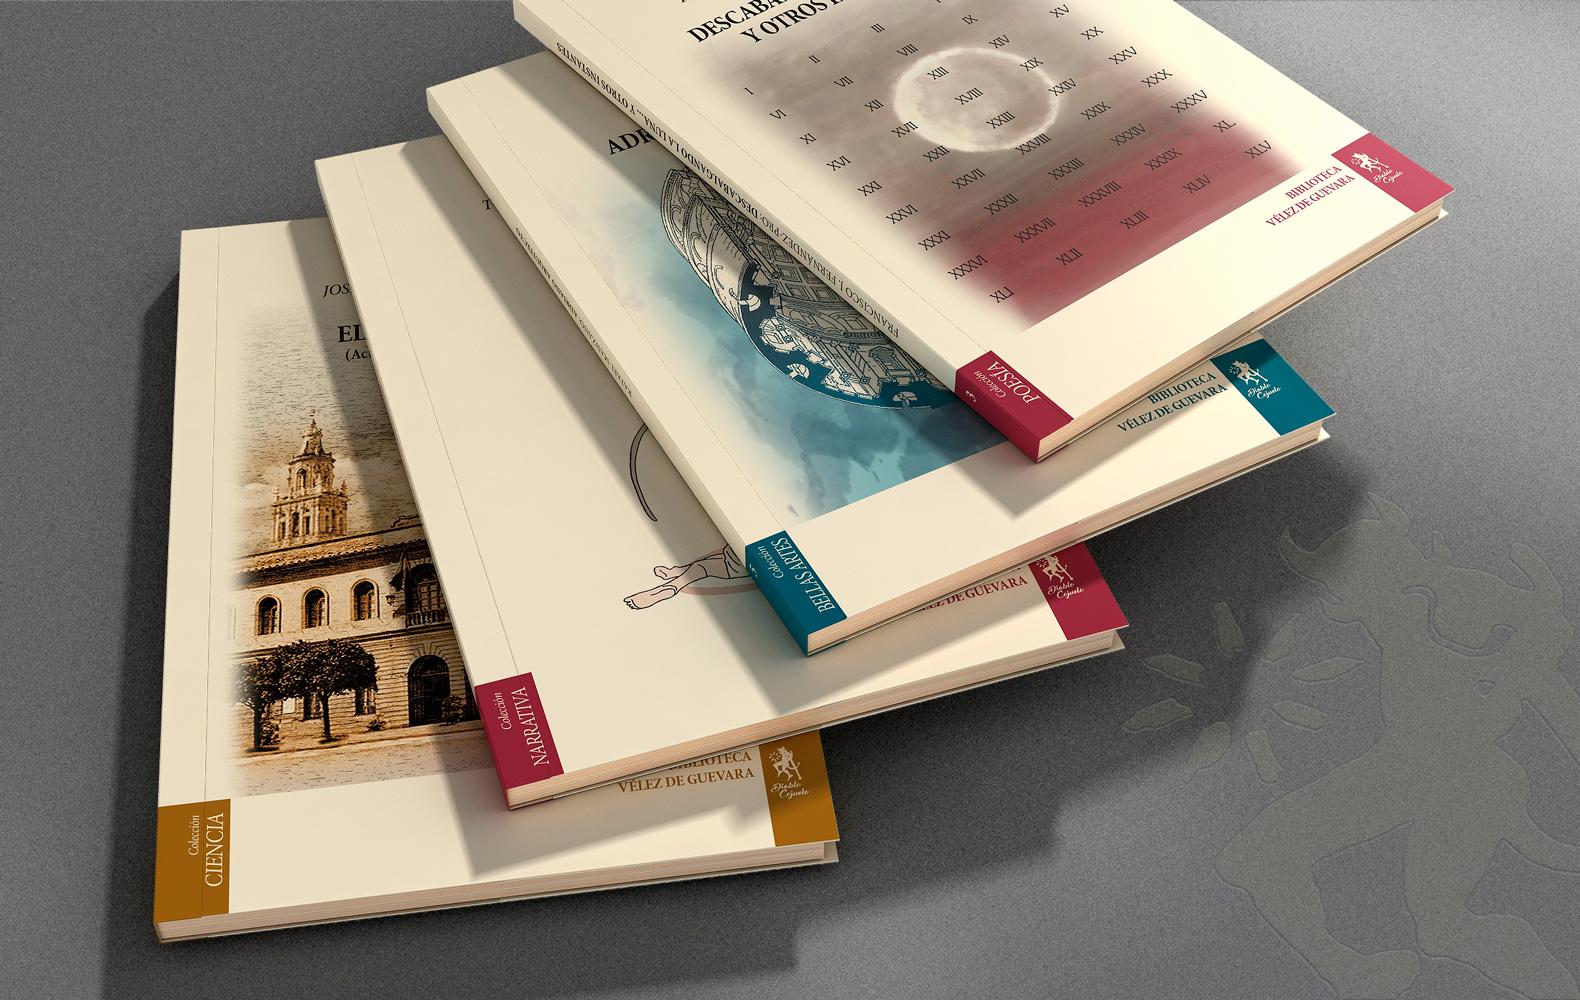 biblioteca vélez de guevara colección